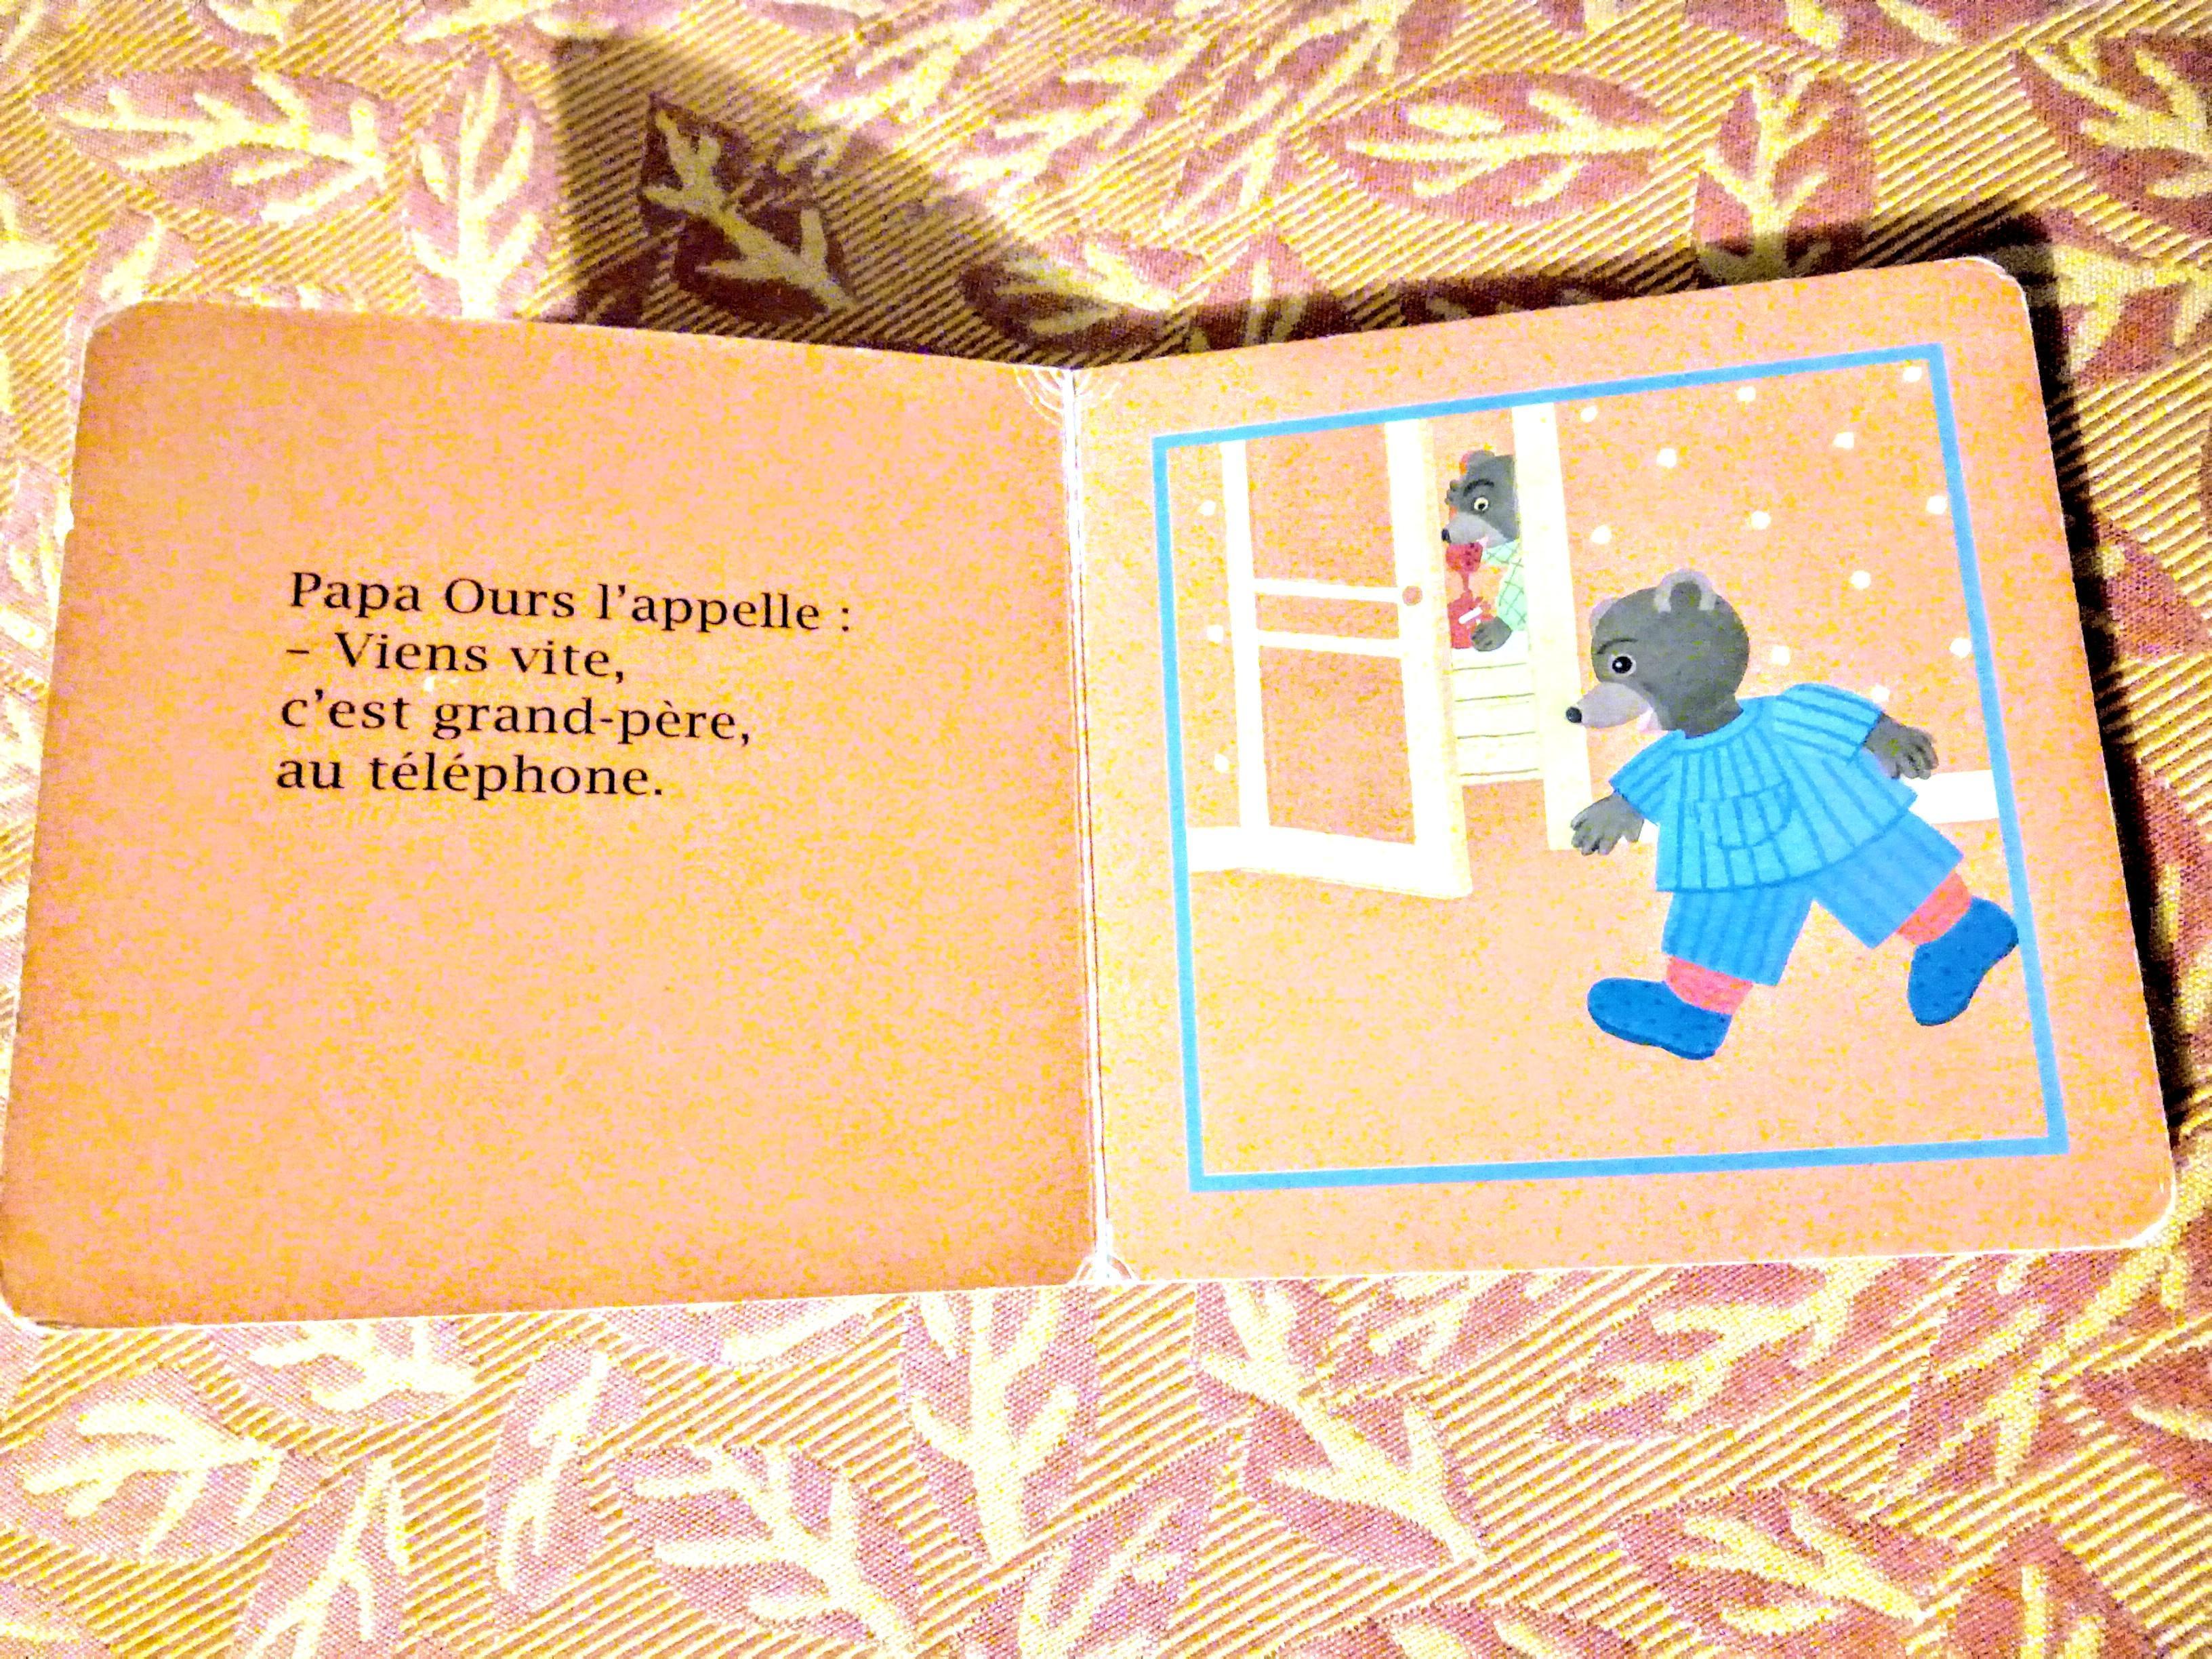 troc de troc petit ours brun rÉpond au tÉlÉphone image 1